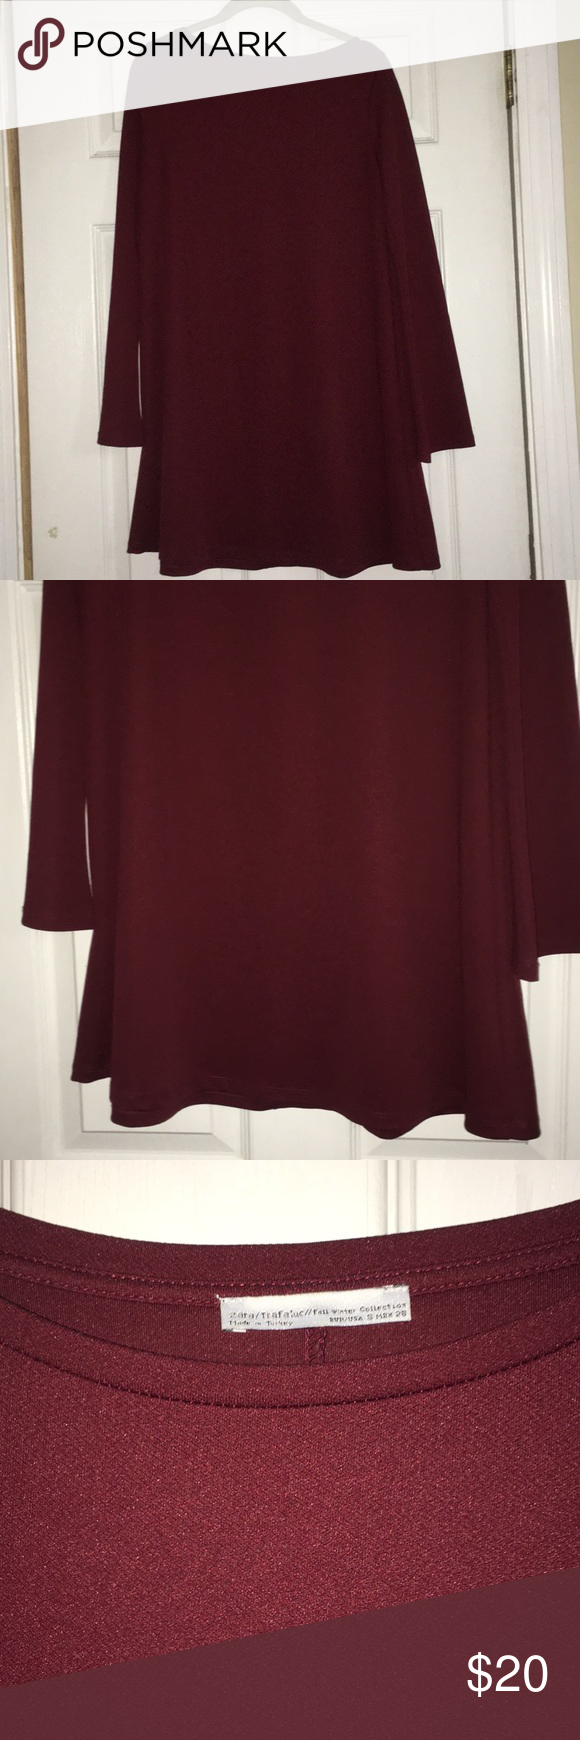 Zara trafaluc dress trafaluc zara dress used once zara dresses long